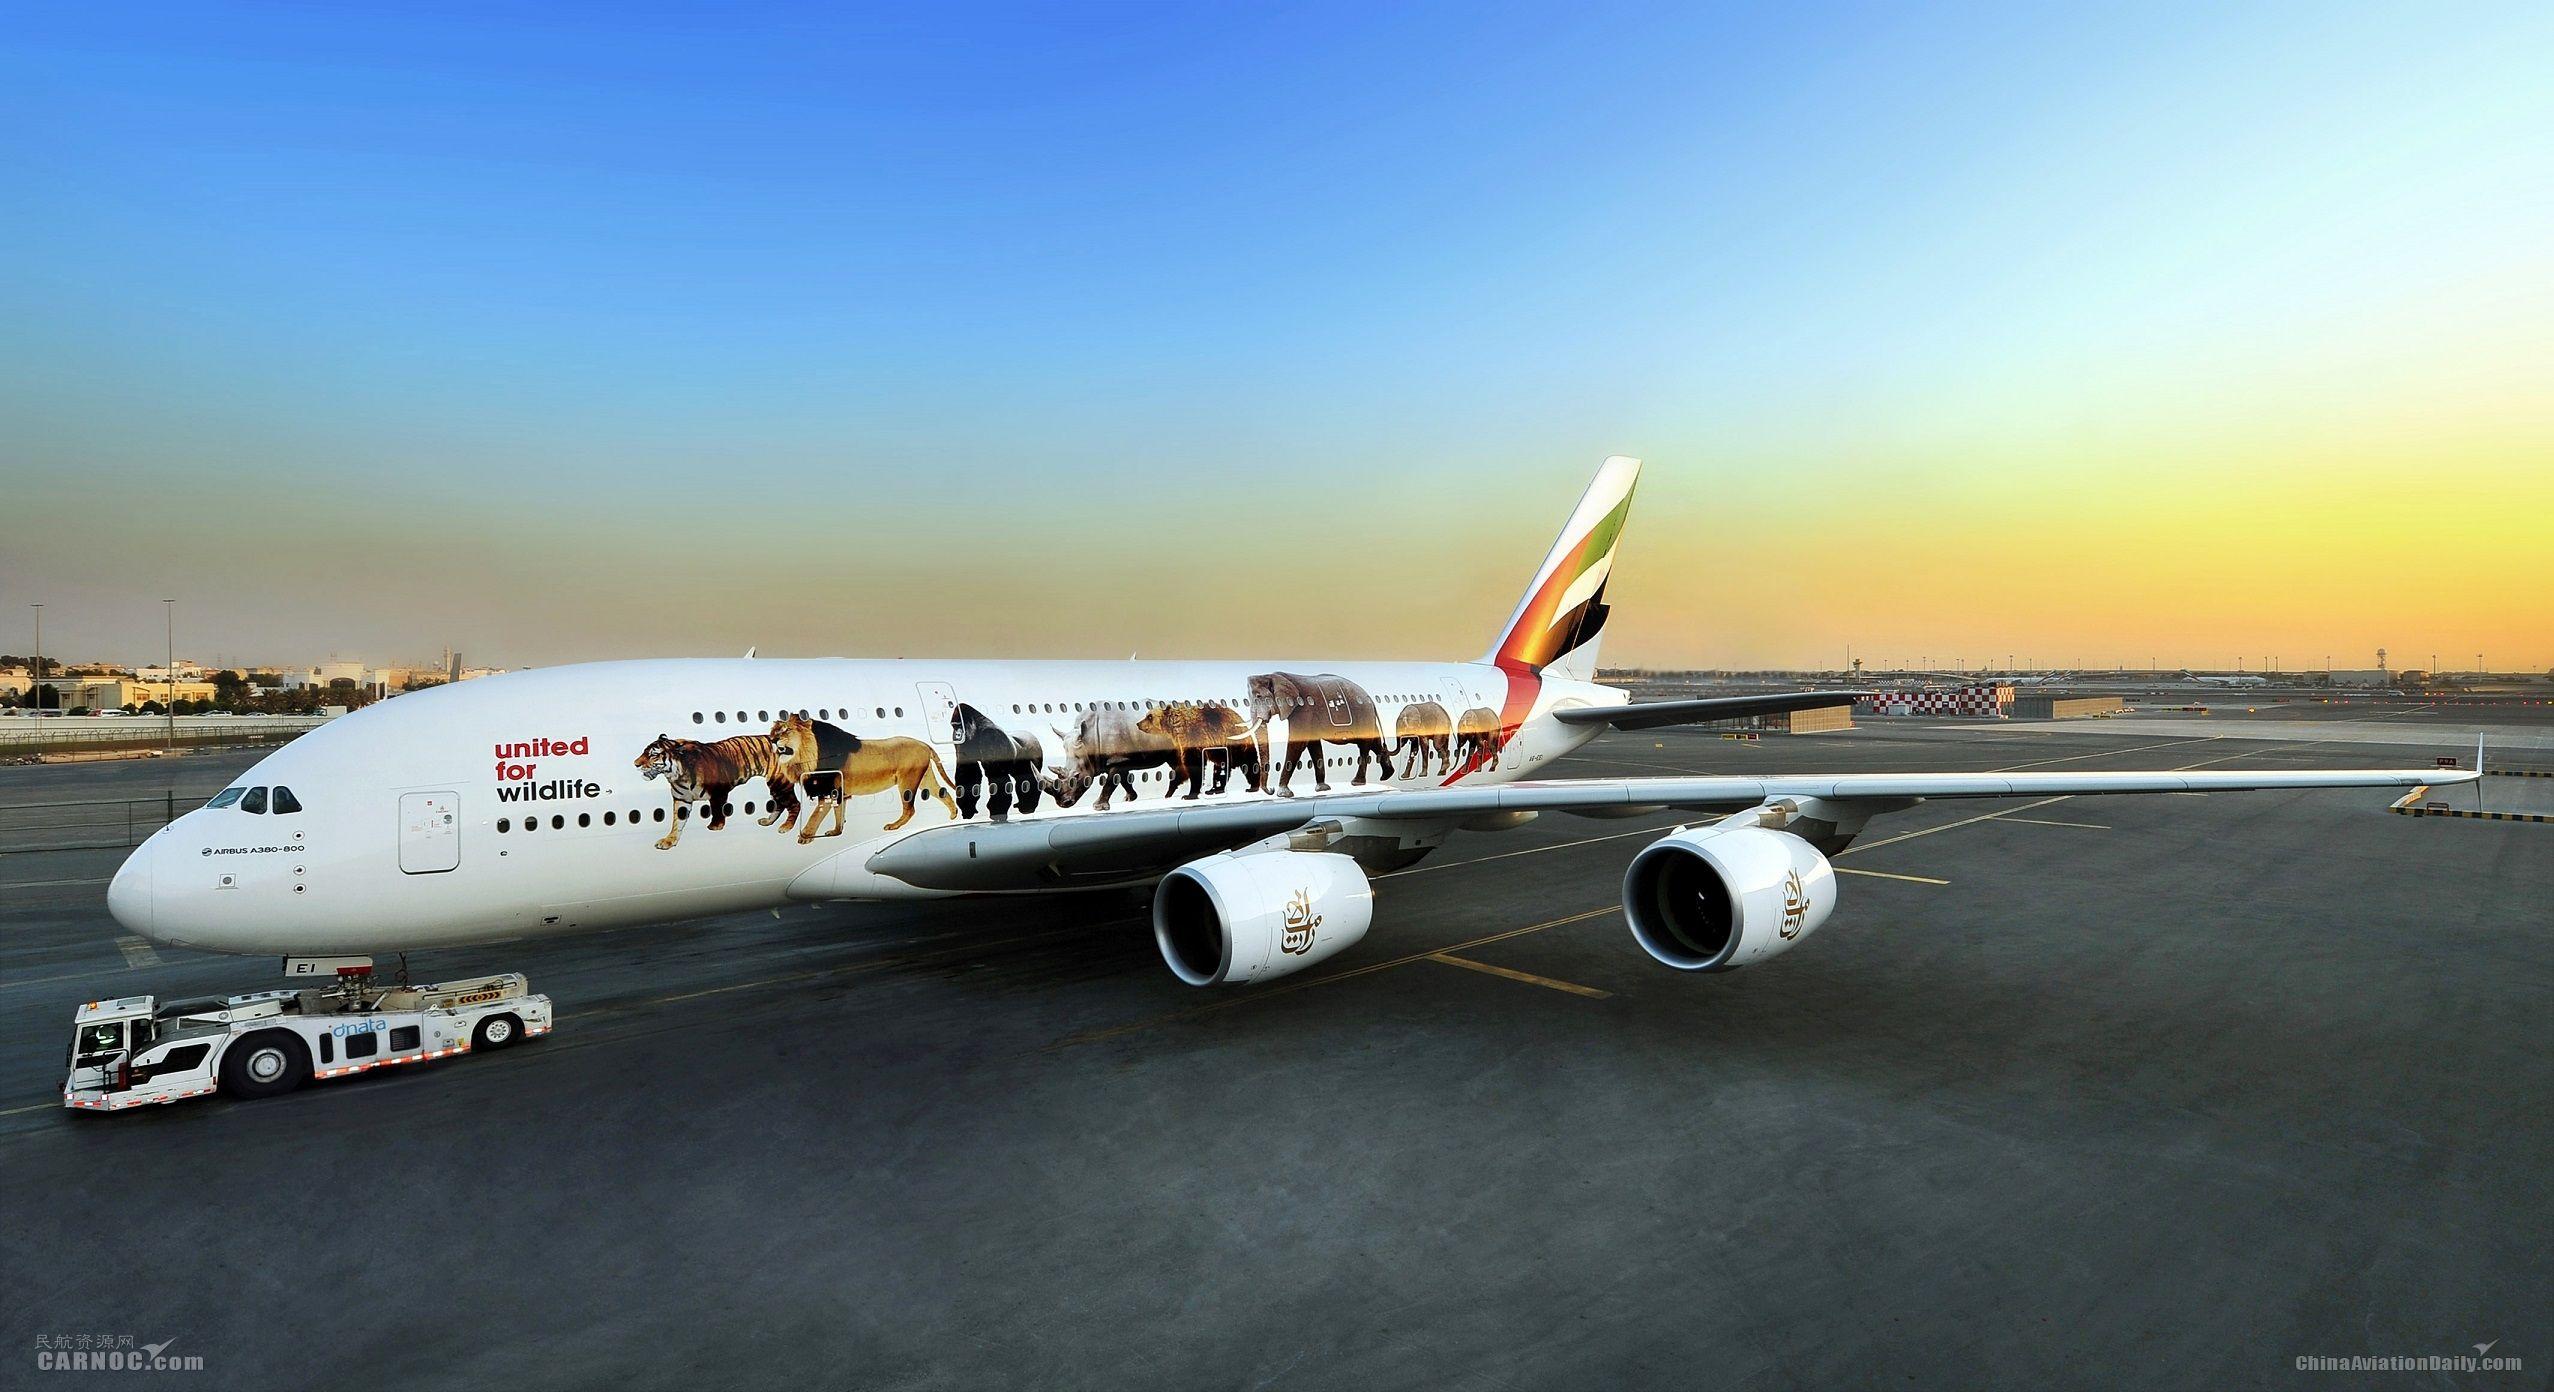 图:带有保护野生动物特殊涂装的一架阿联酋航空a380客机   迪拜—